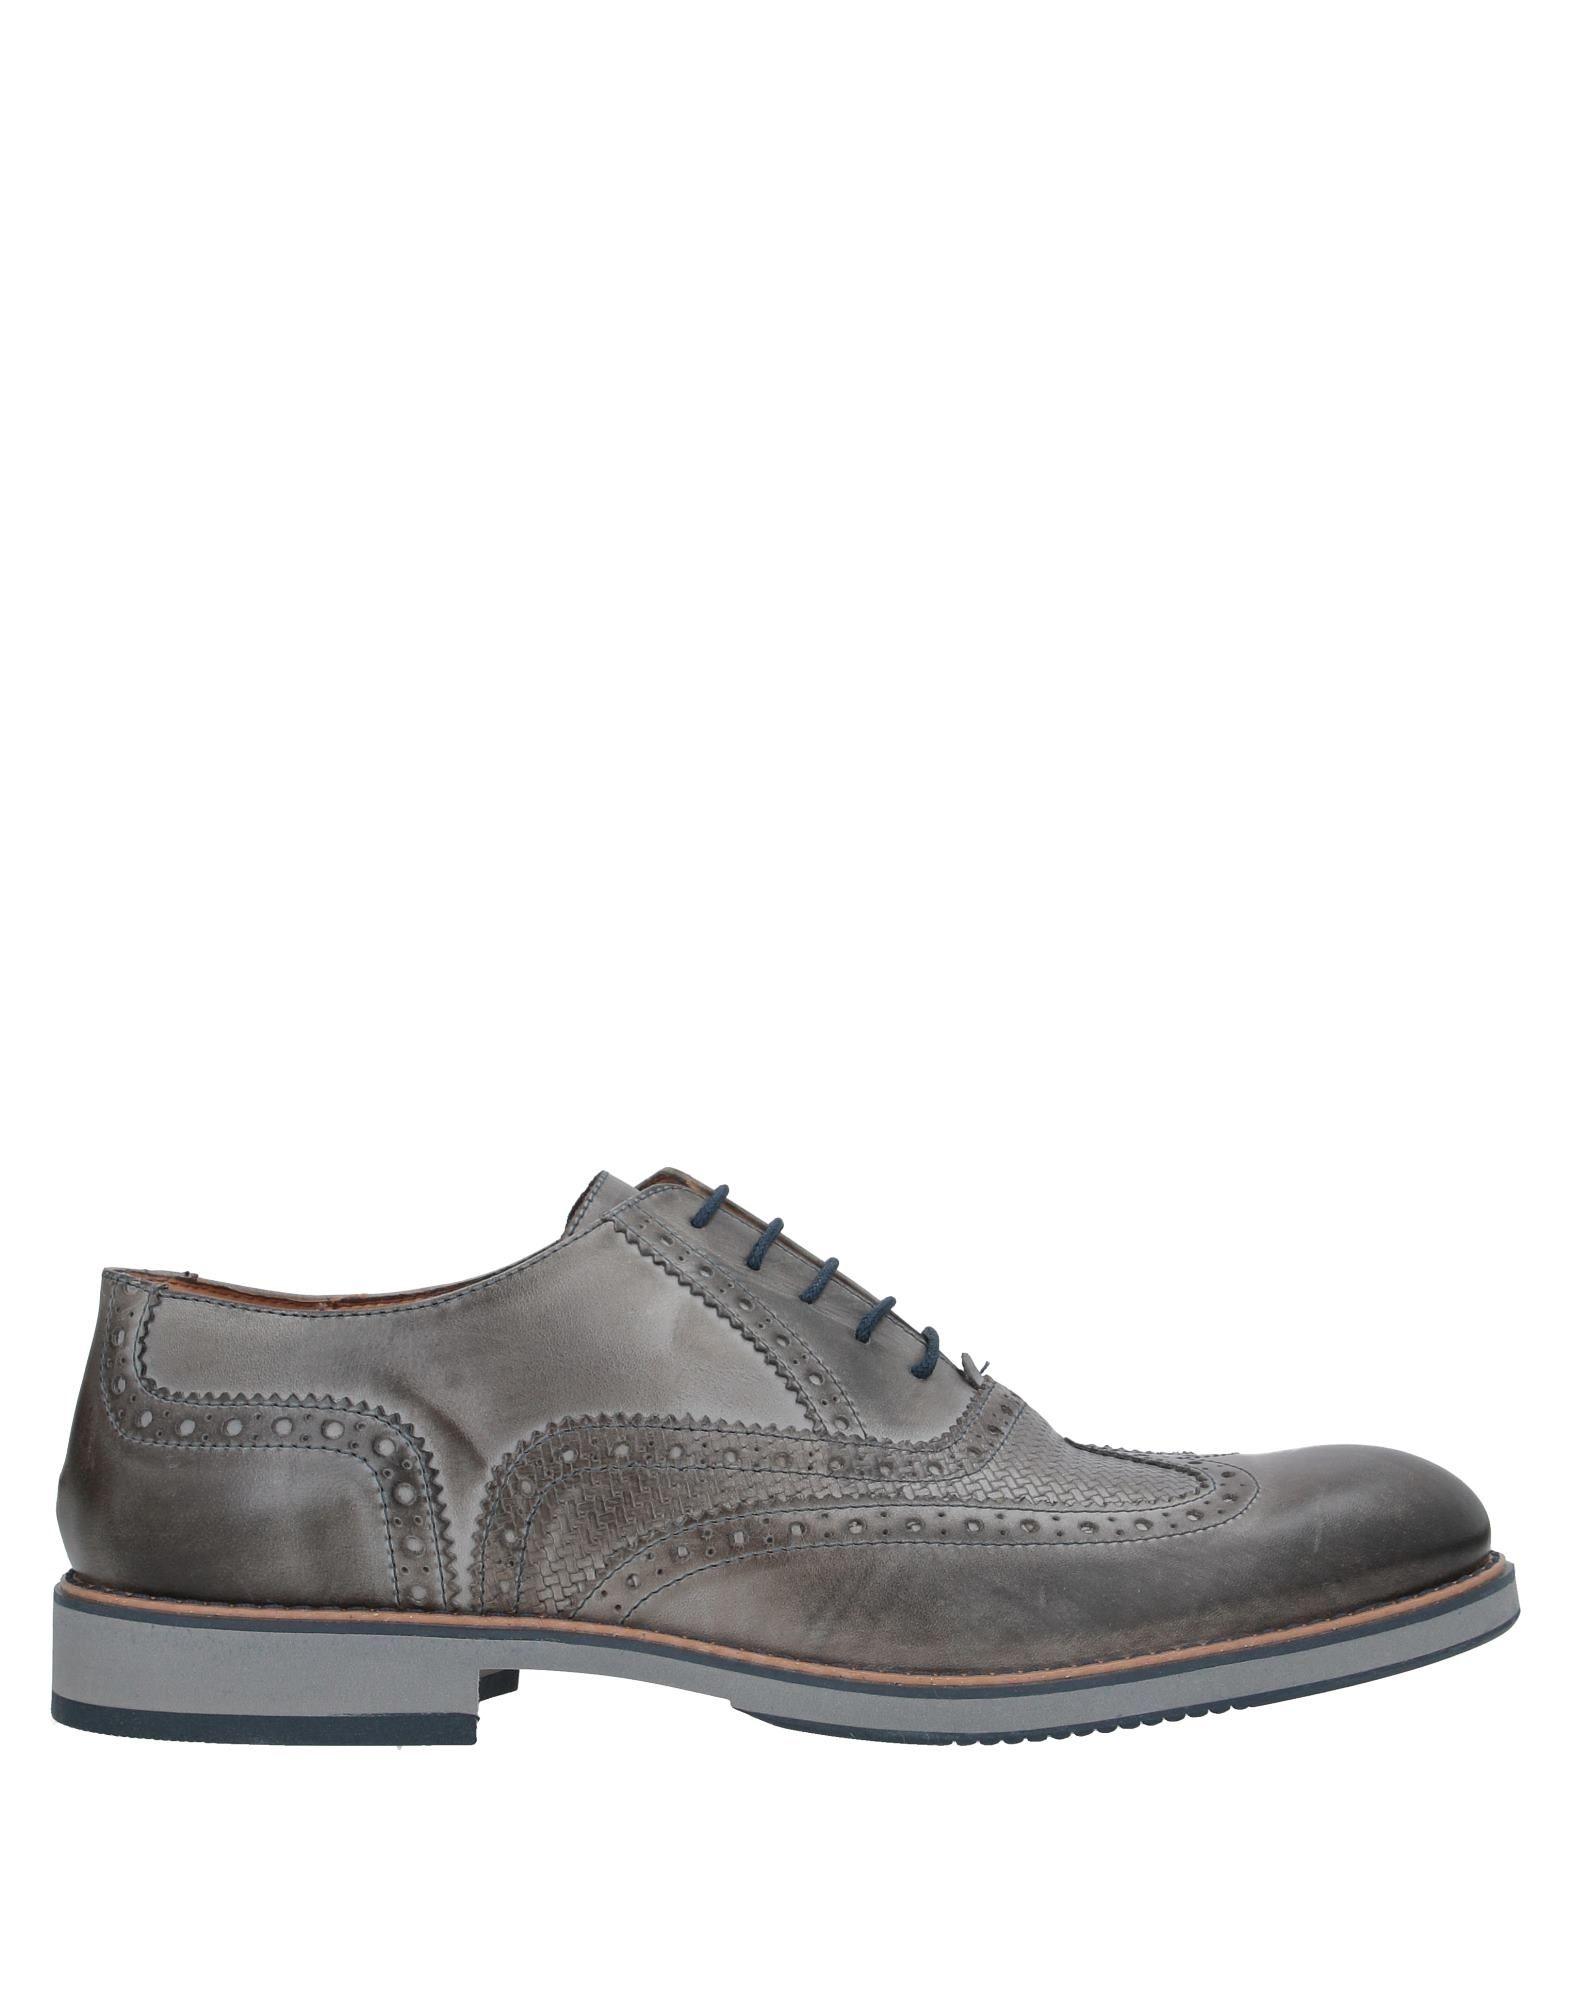 SANDRO RAMADORI® Обувь на шнурках цены онлайн